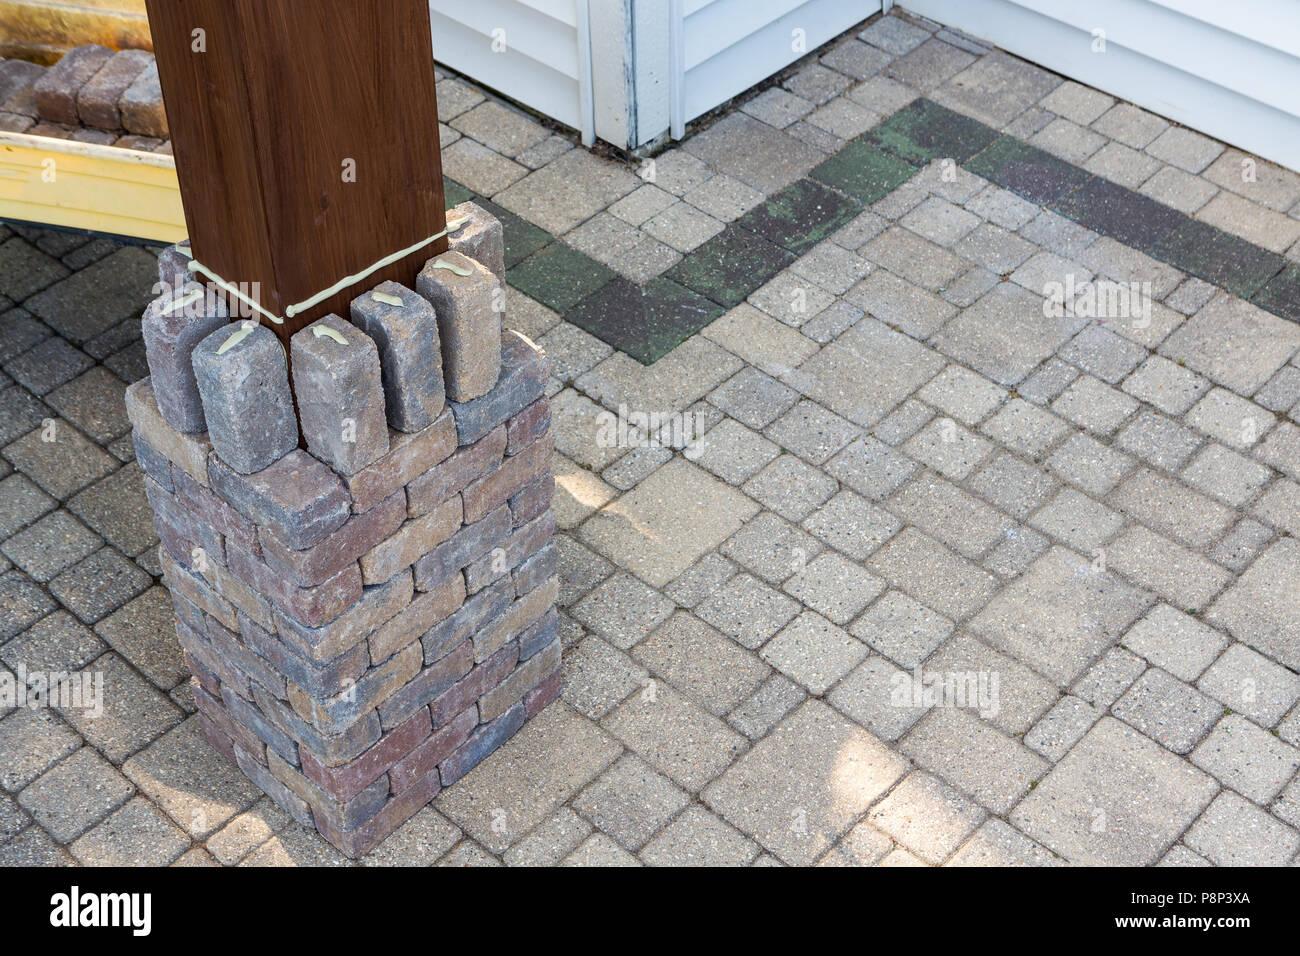 la construction d'un pilier en brique autour d'un collage de la